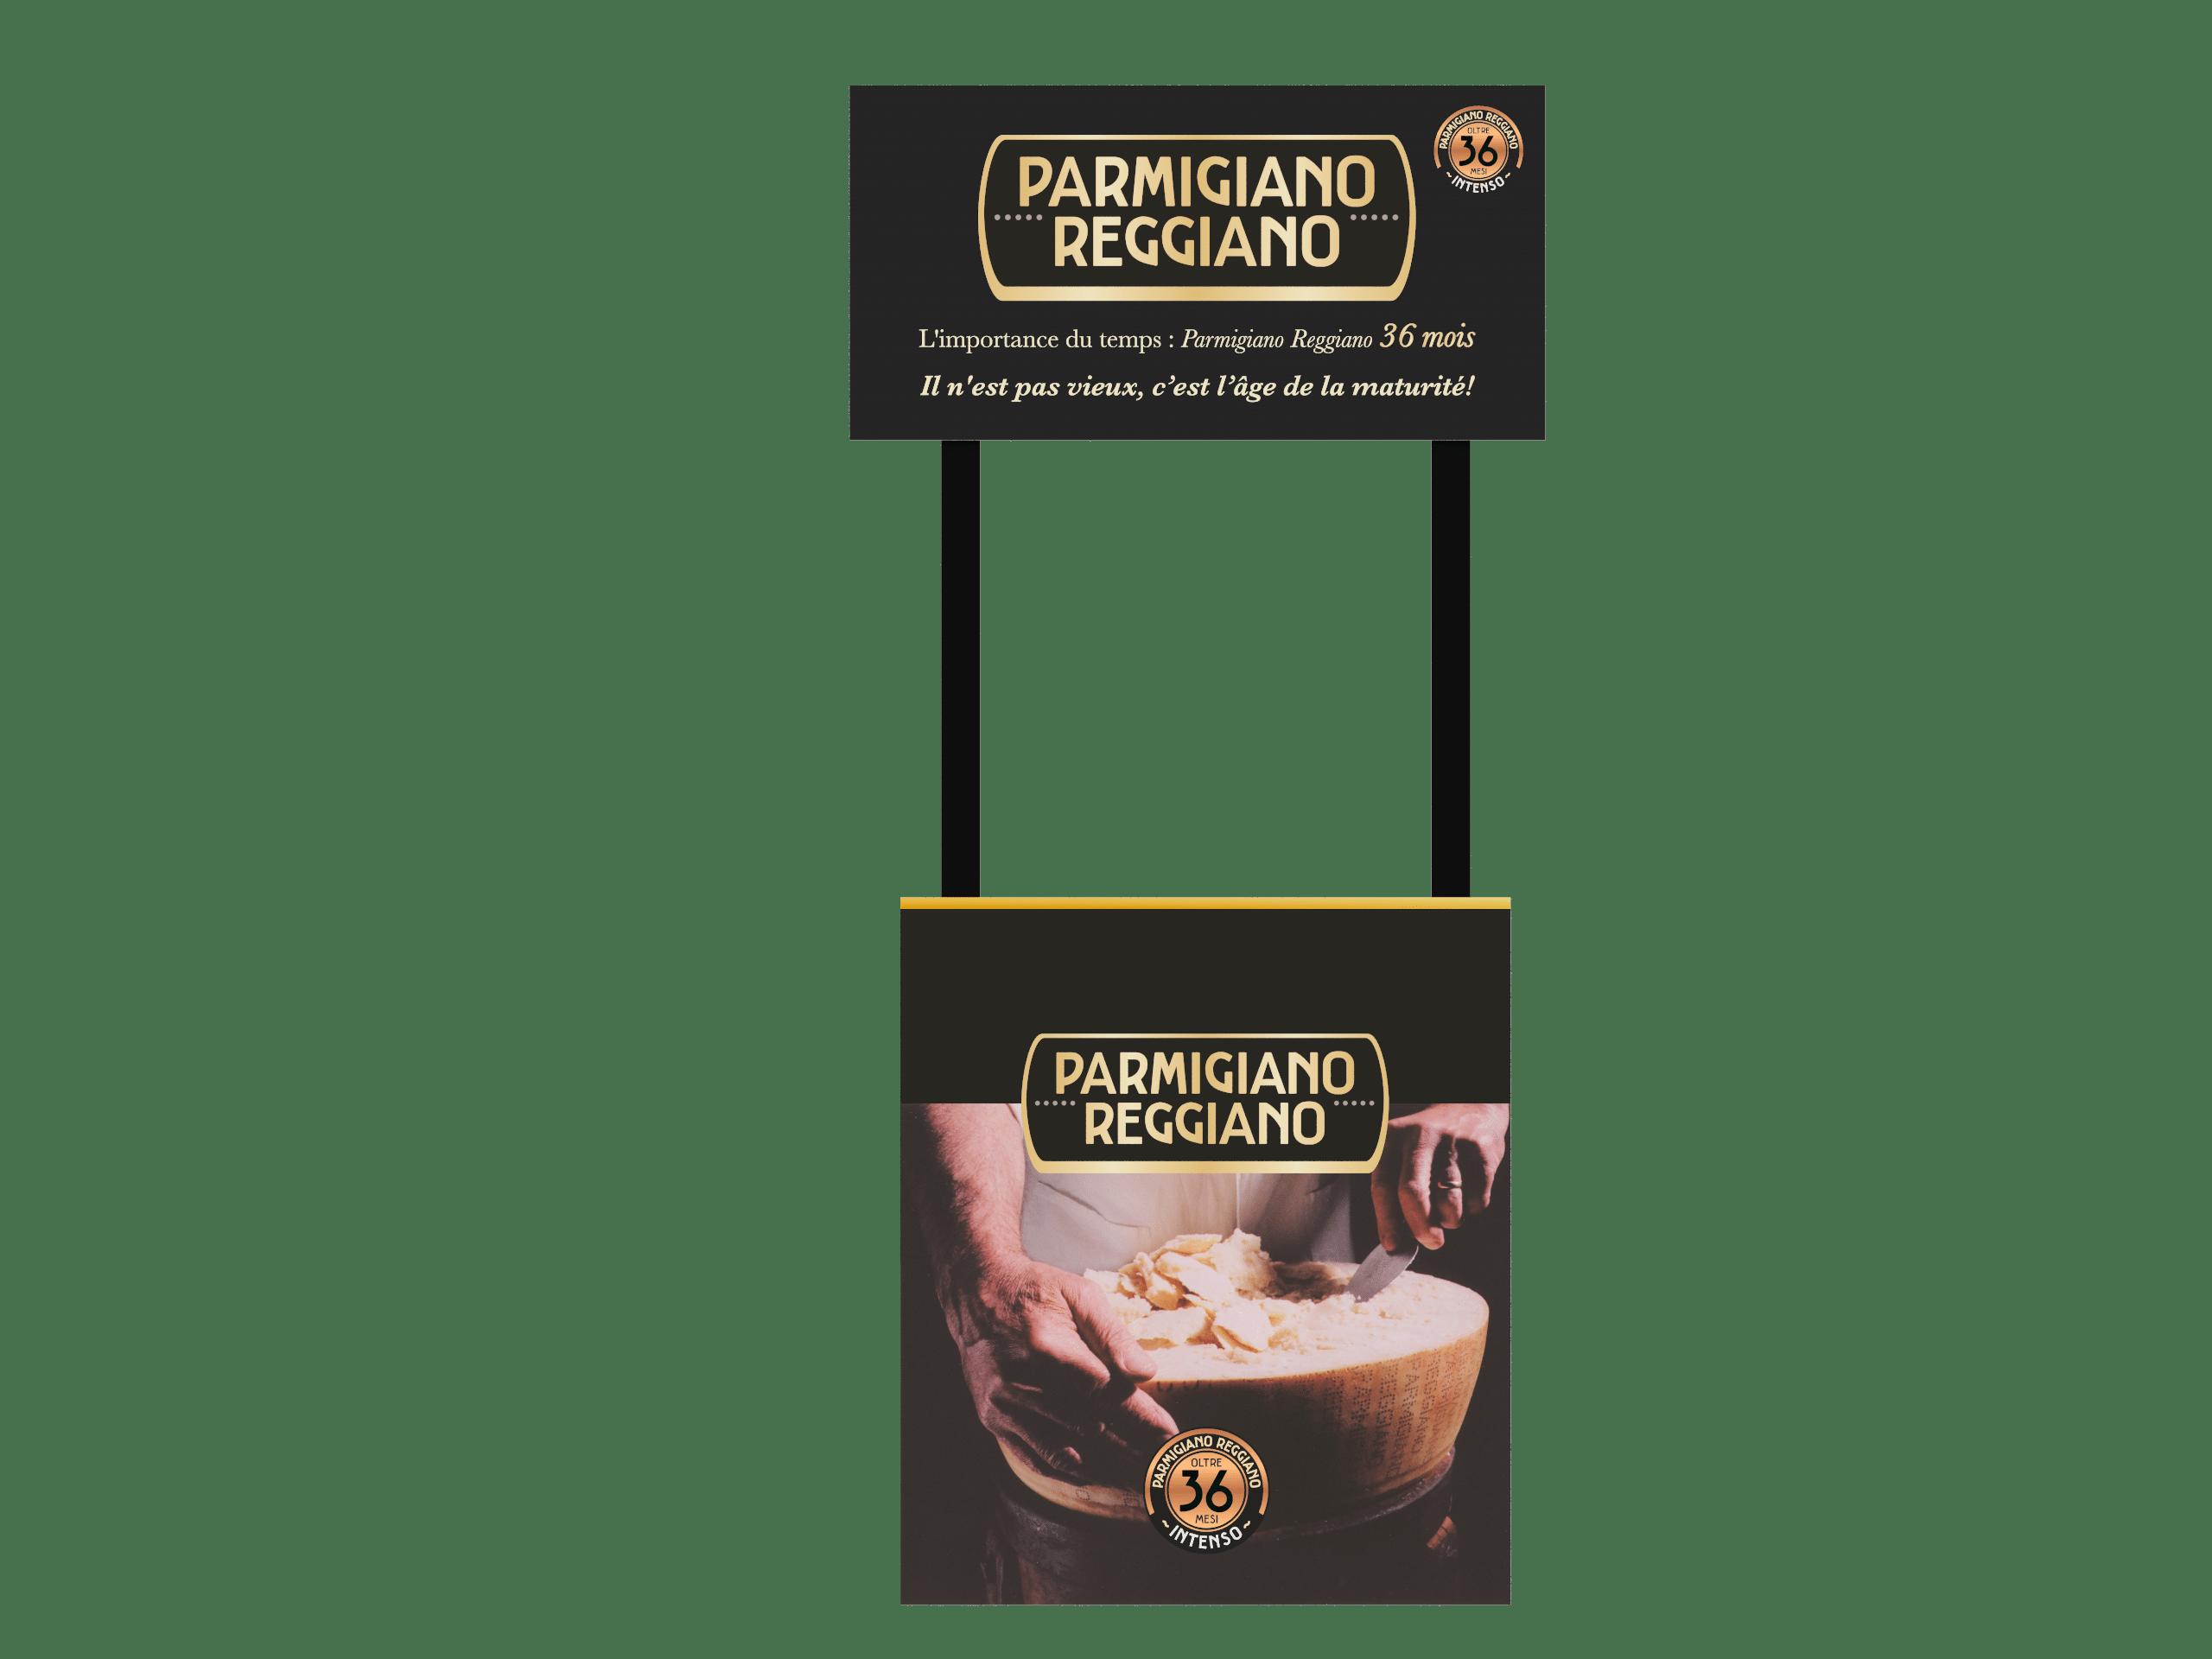 grossiste parmigiano reggiano